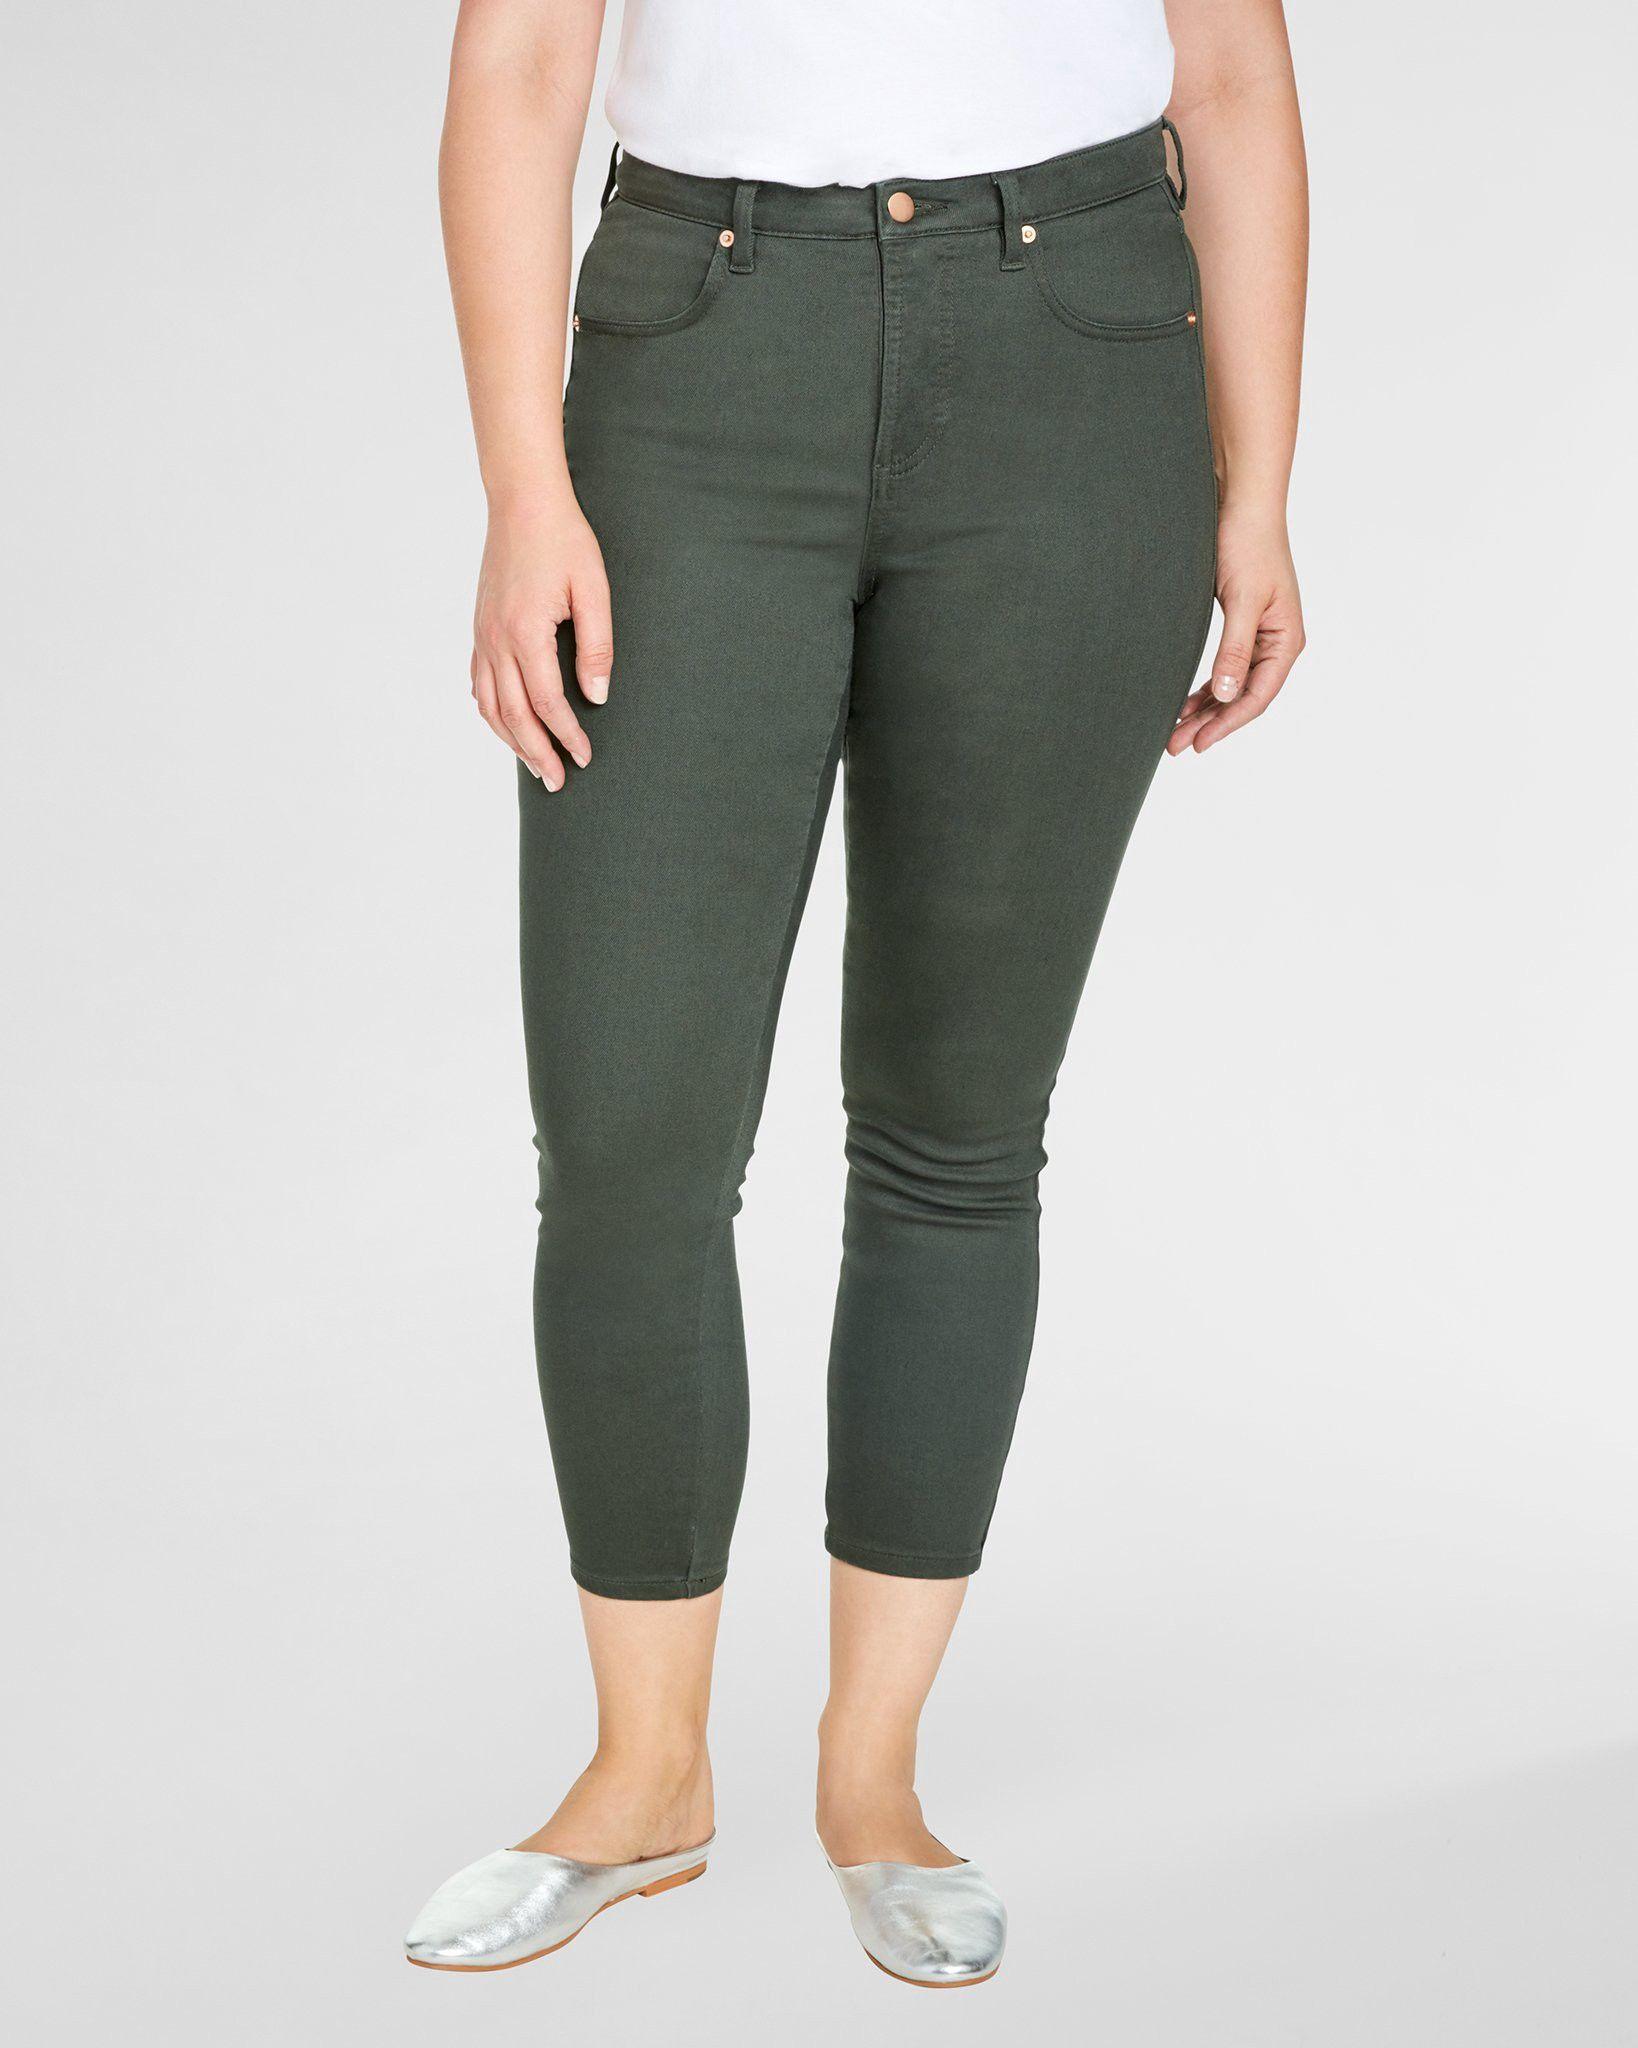 7fbc7fa3f464e Universal Standard Slim Cut Seine Jeans 27 Inch - Solid Camo 14 ...